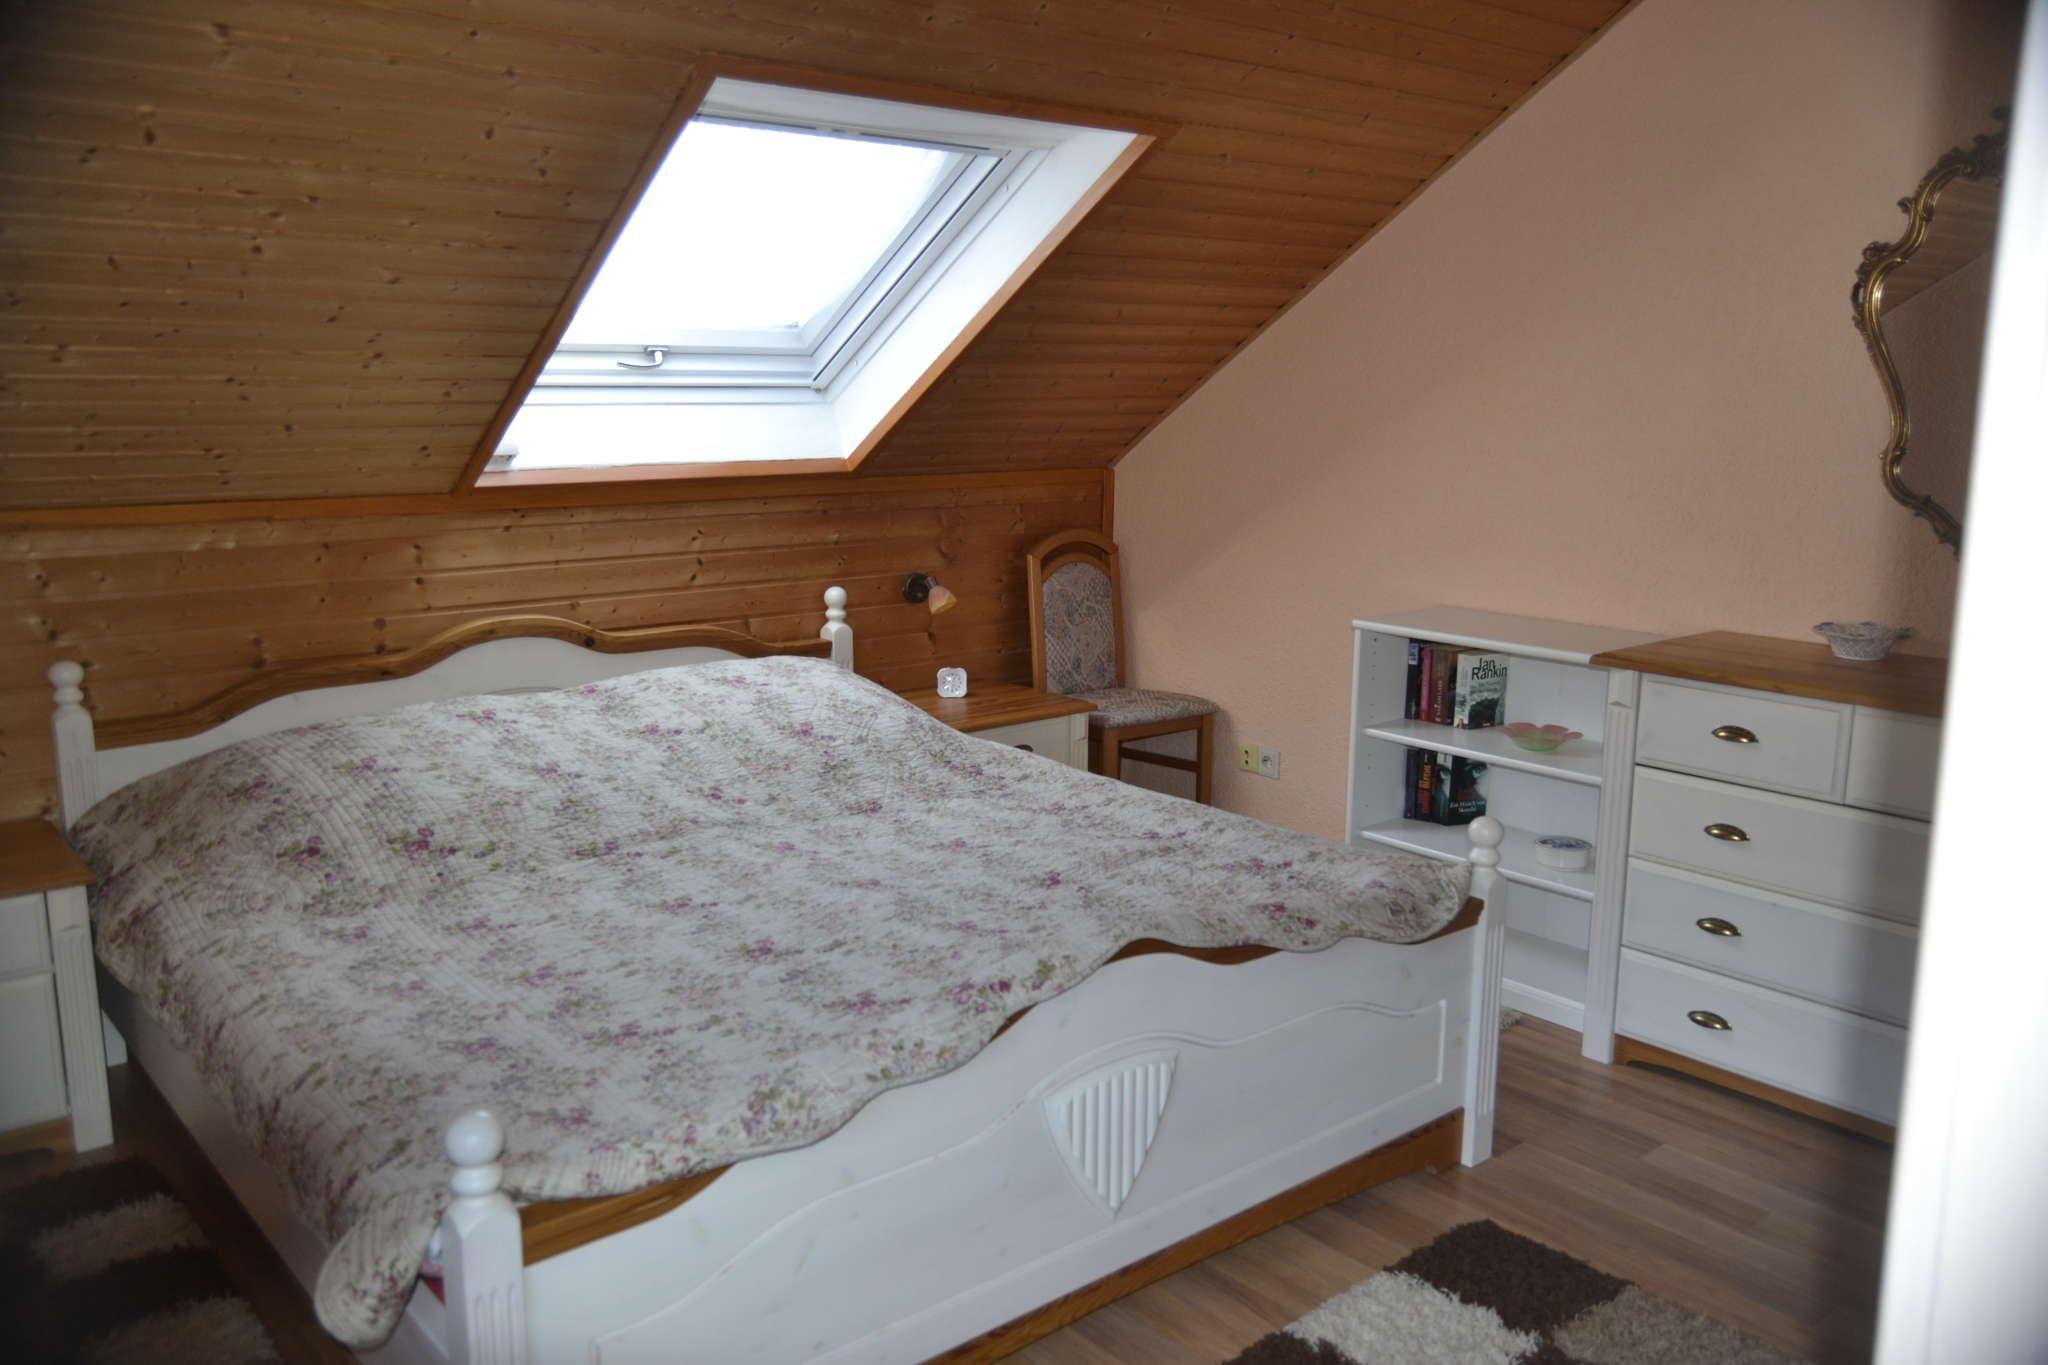 Bett / Wohnung 2